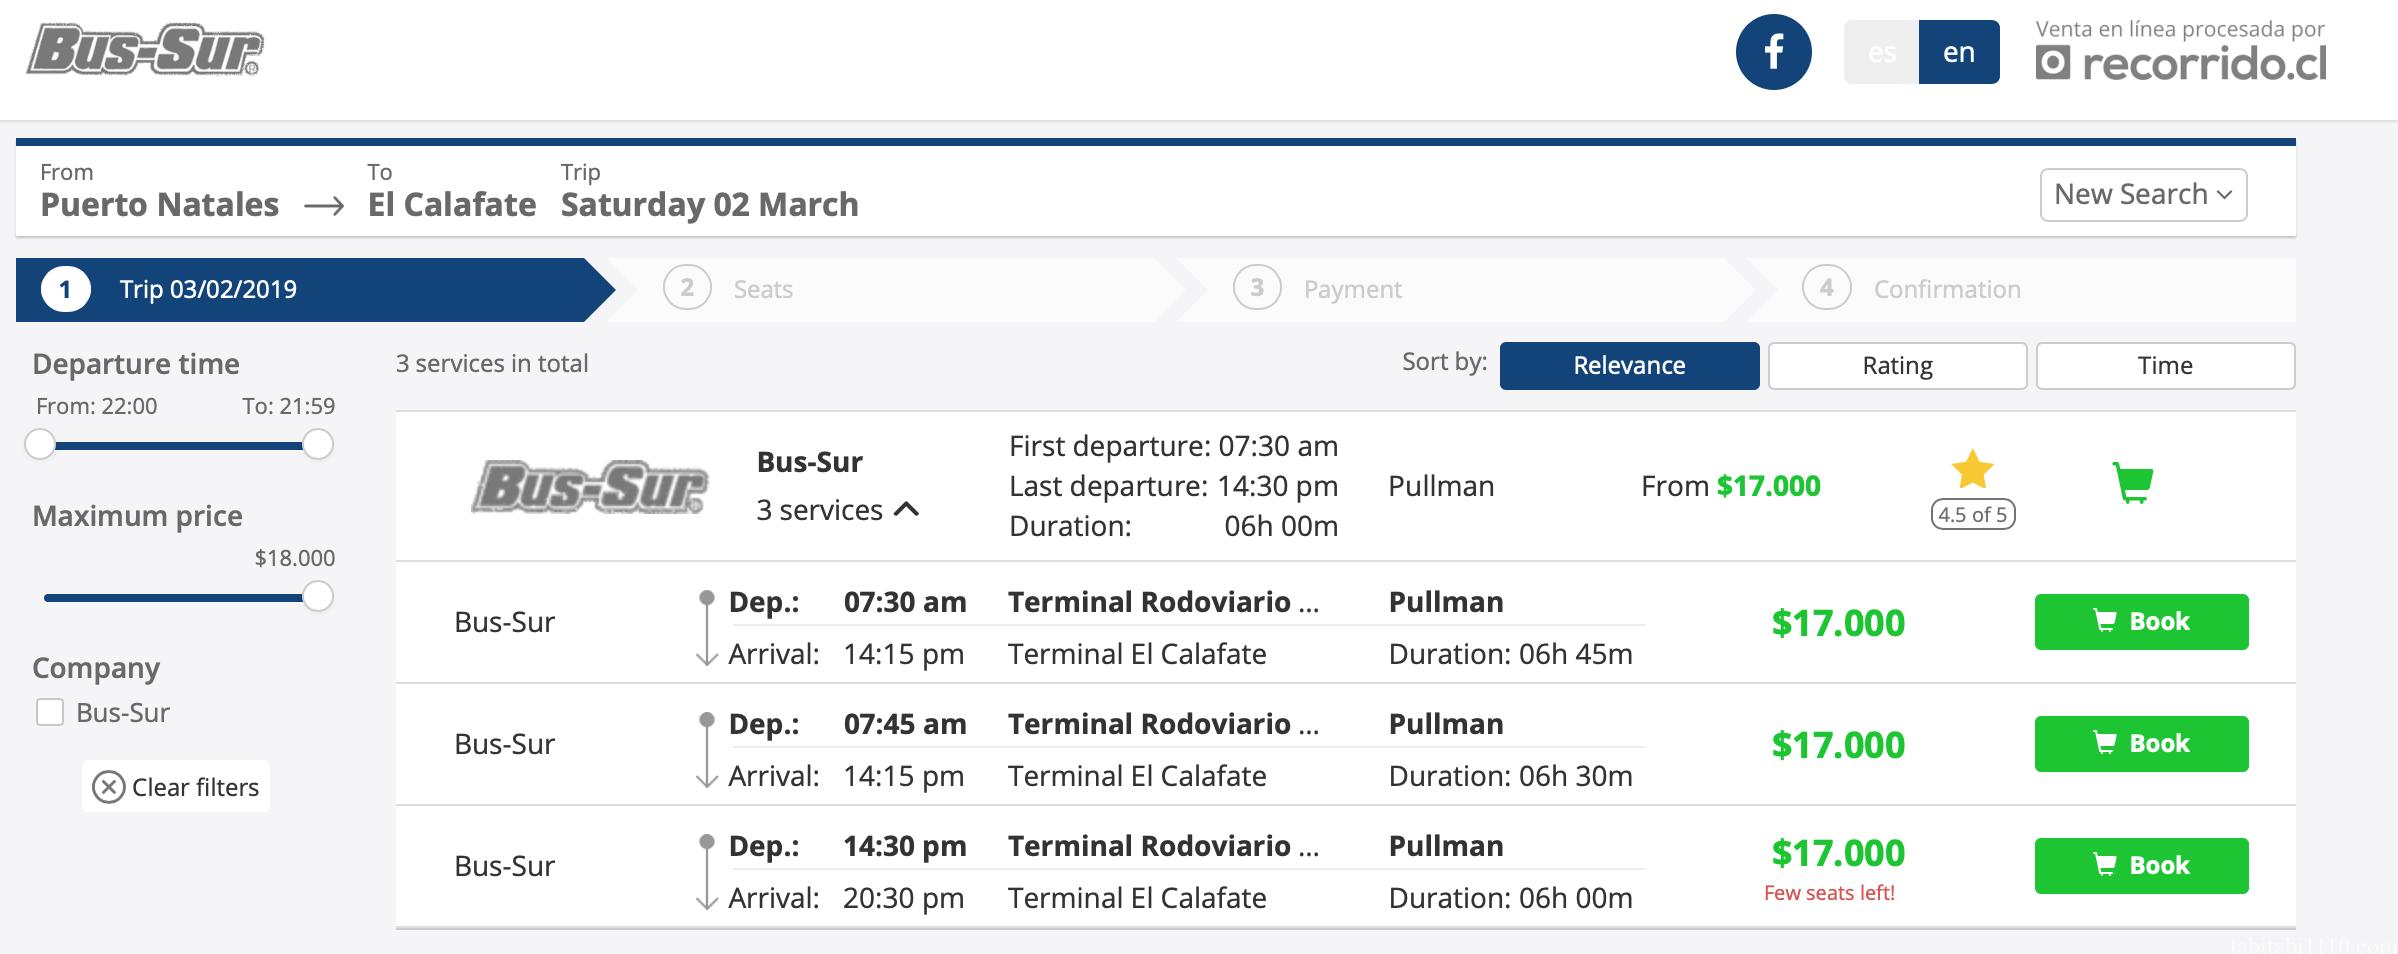 プエルトナタレスからエルカラファテへのバスの時刻表